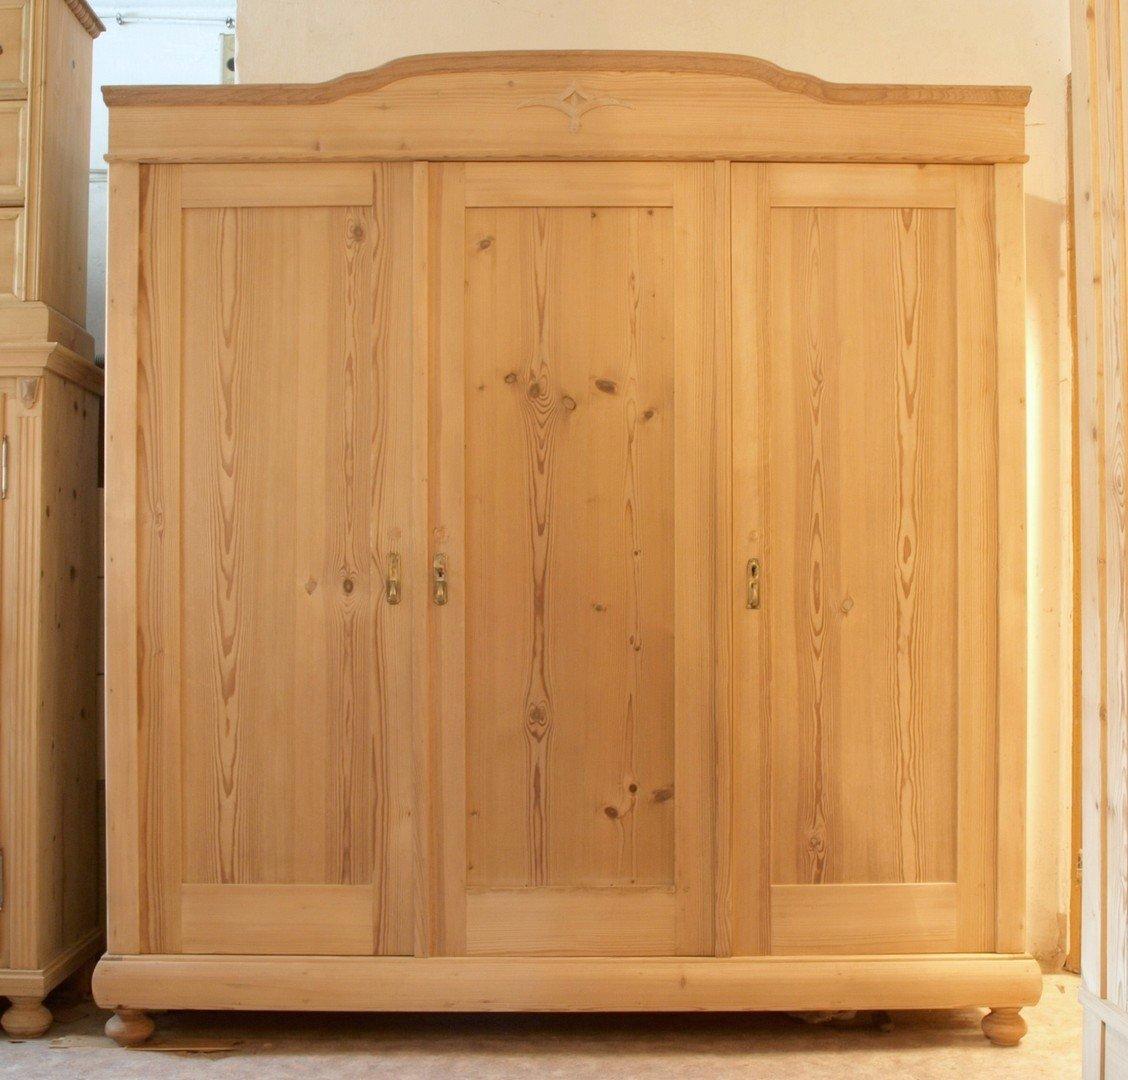 alter antiker 3 t riger kleiderschrank bauernschrank 3 t ren kiefer fichte antik m bel. Black Bedroom Furniture Sets. Home Design Ideas